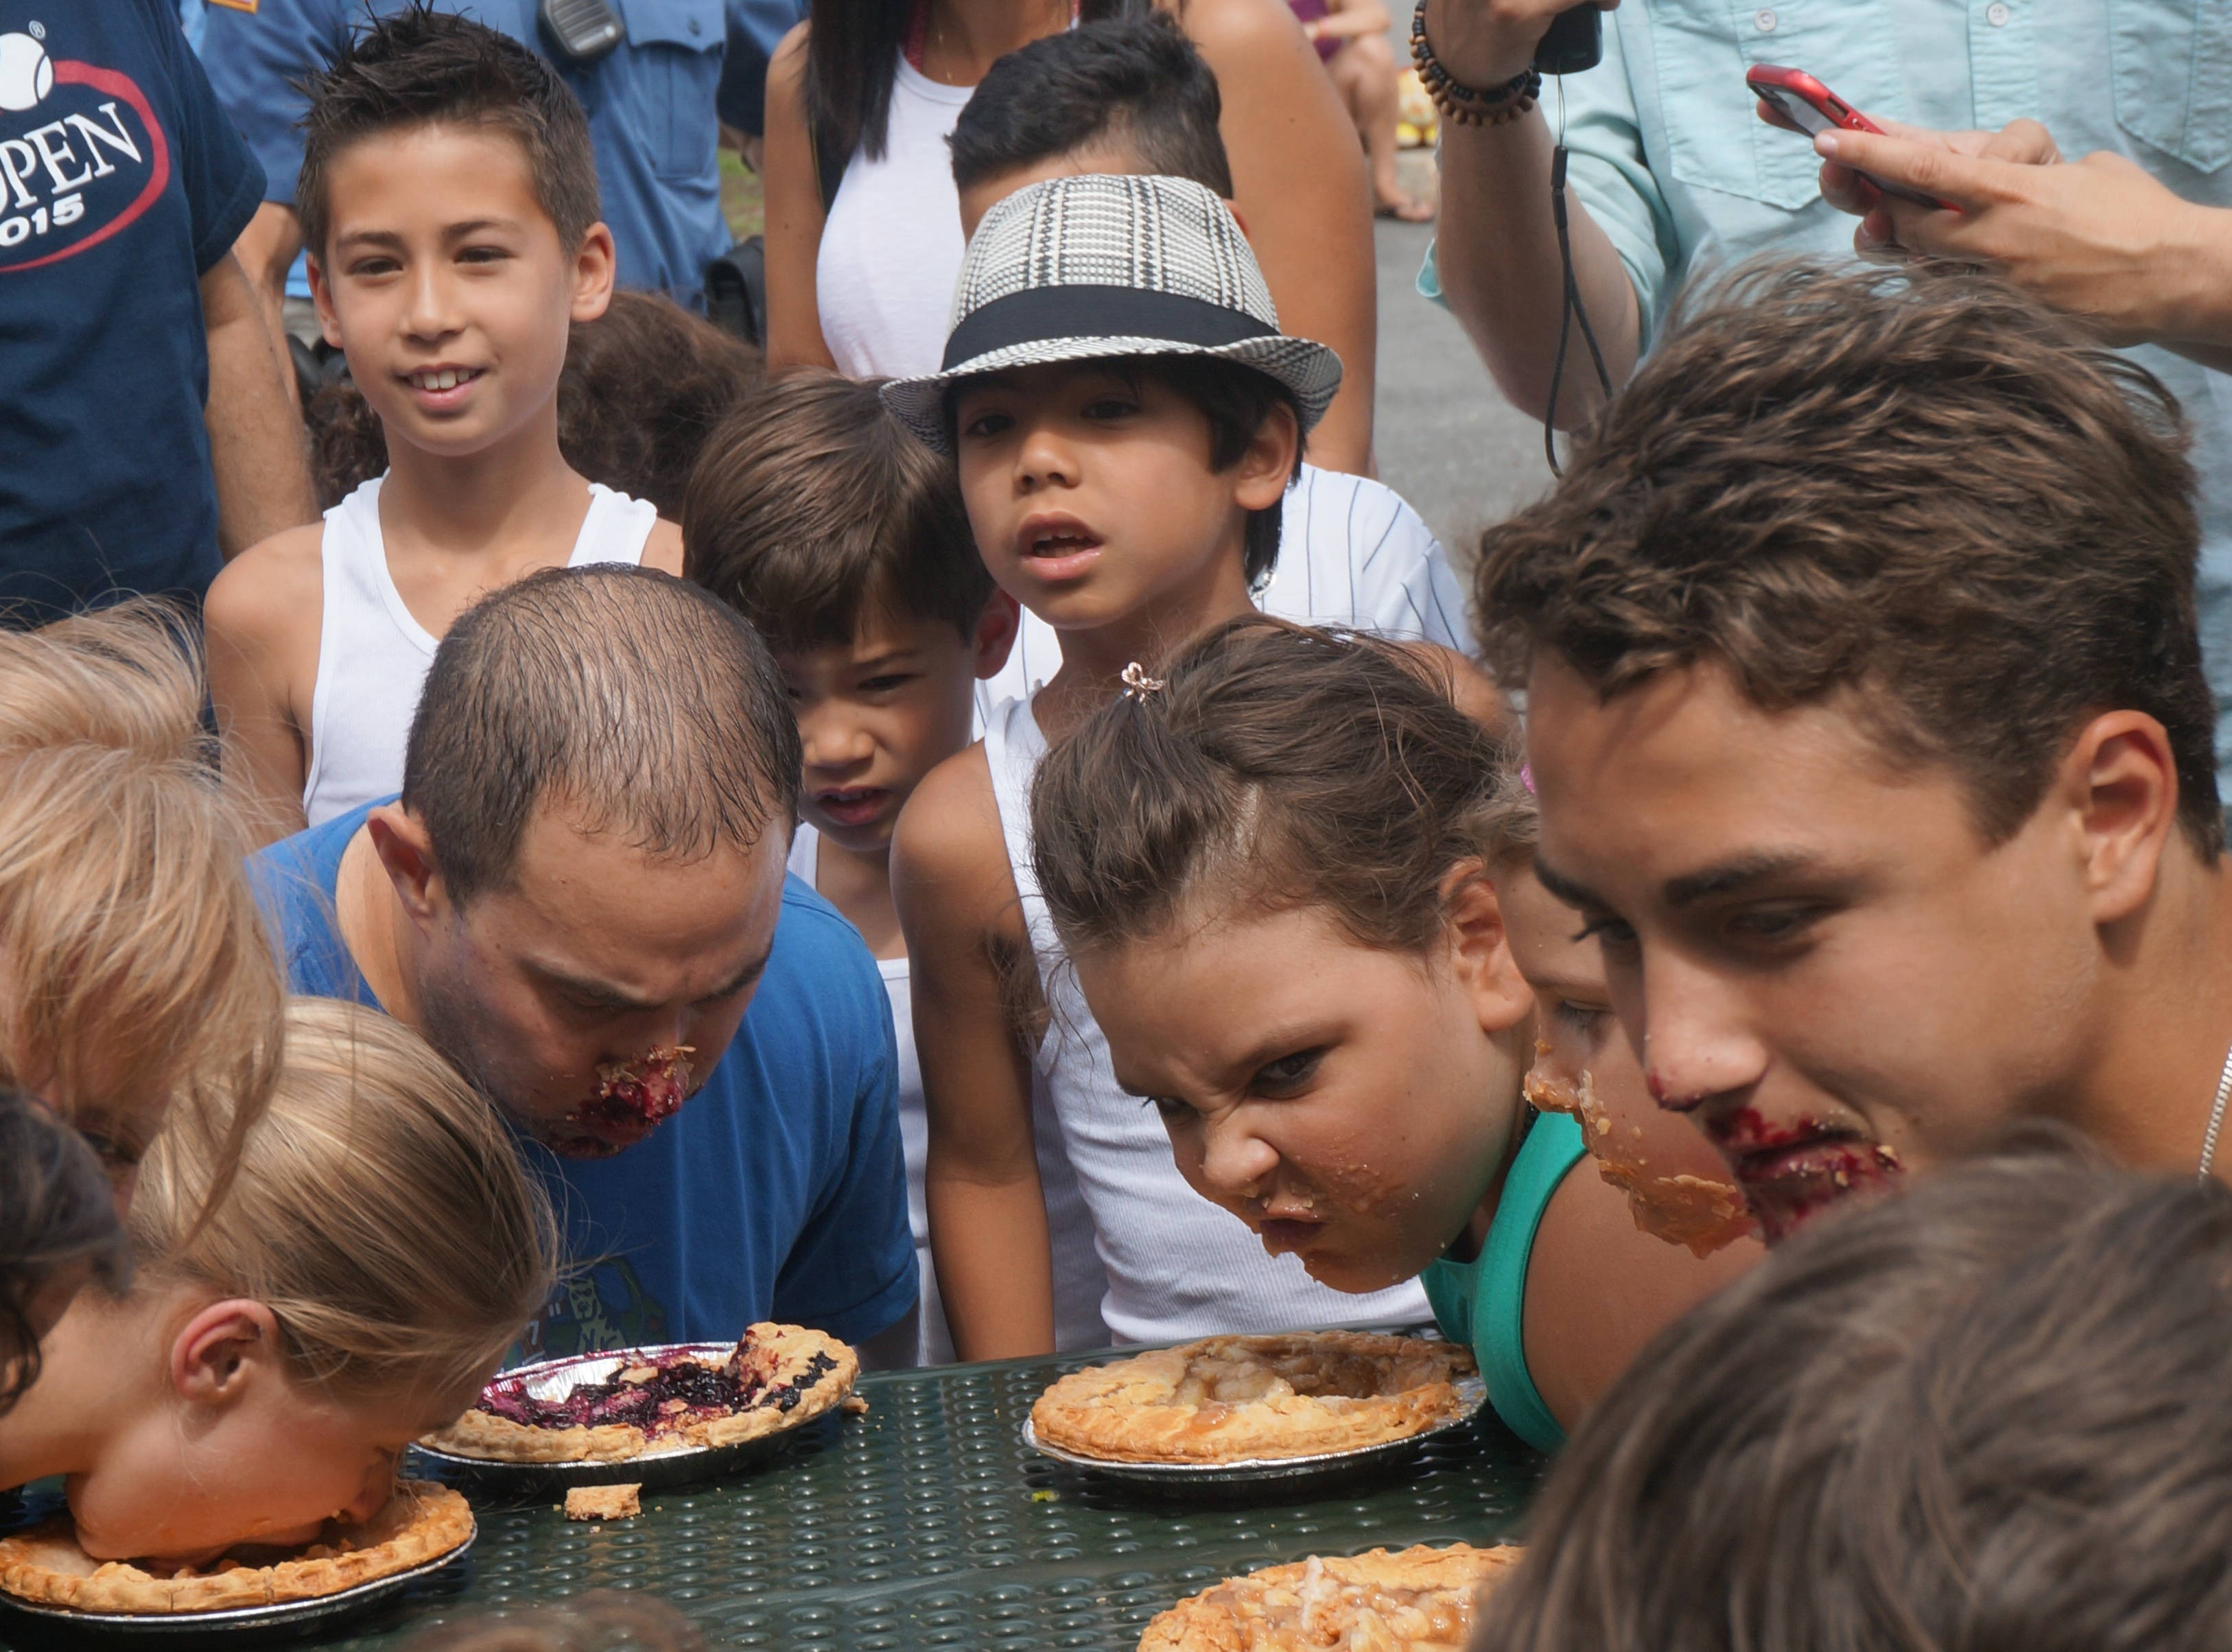 fedff7211abb3af758a2_a_Pie-eating_contest_3.JPG